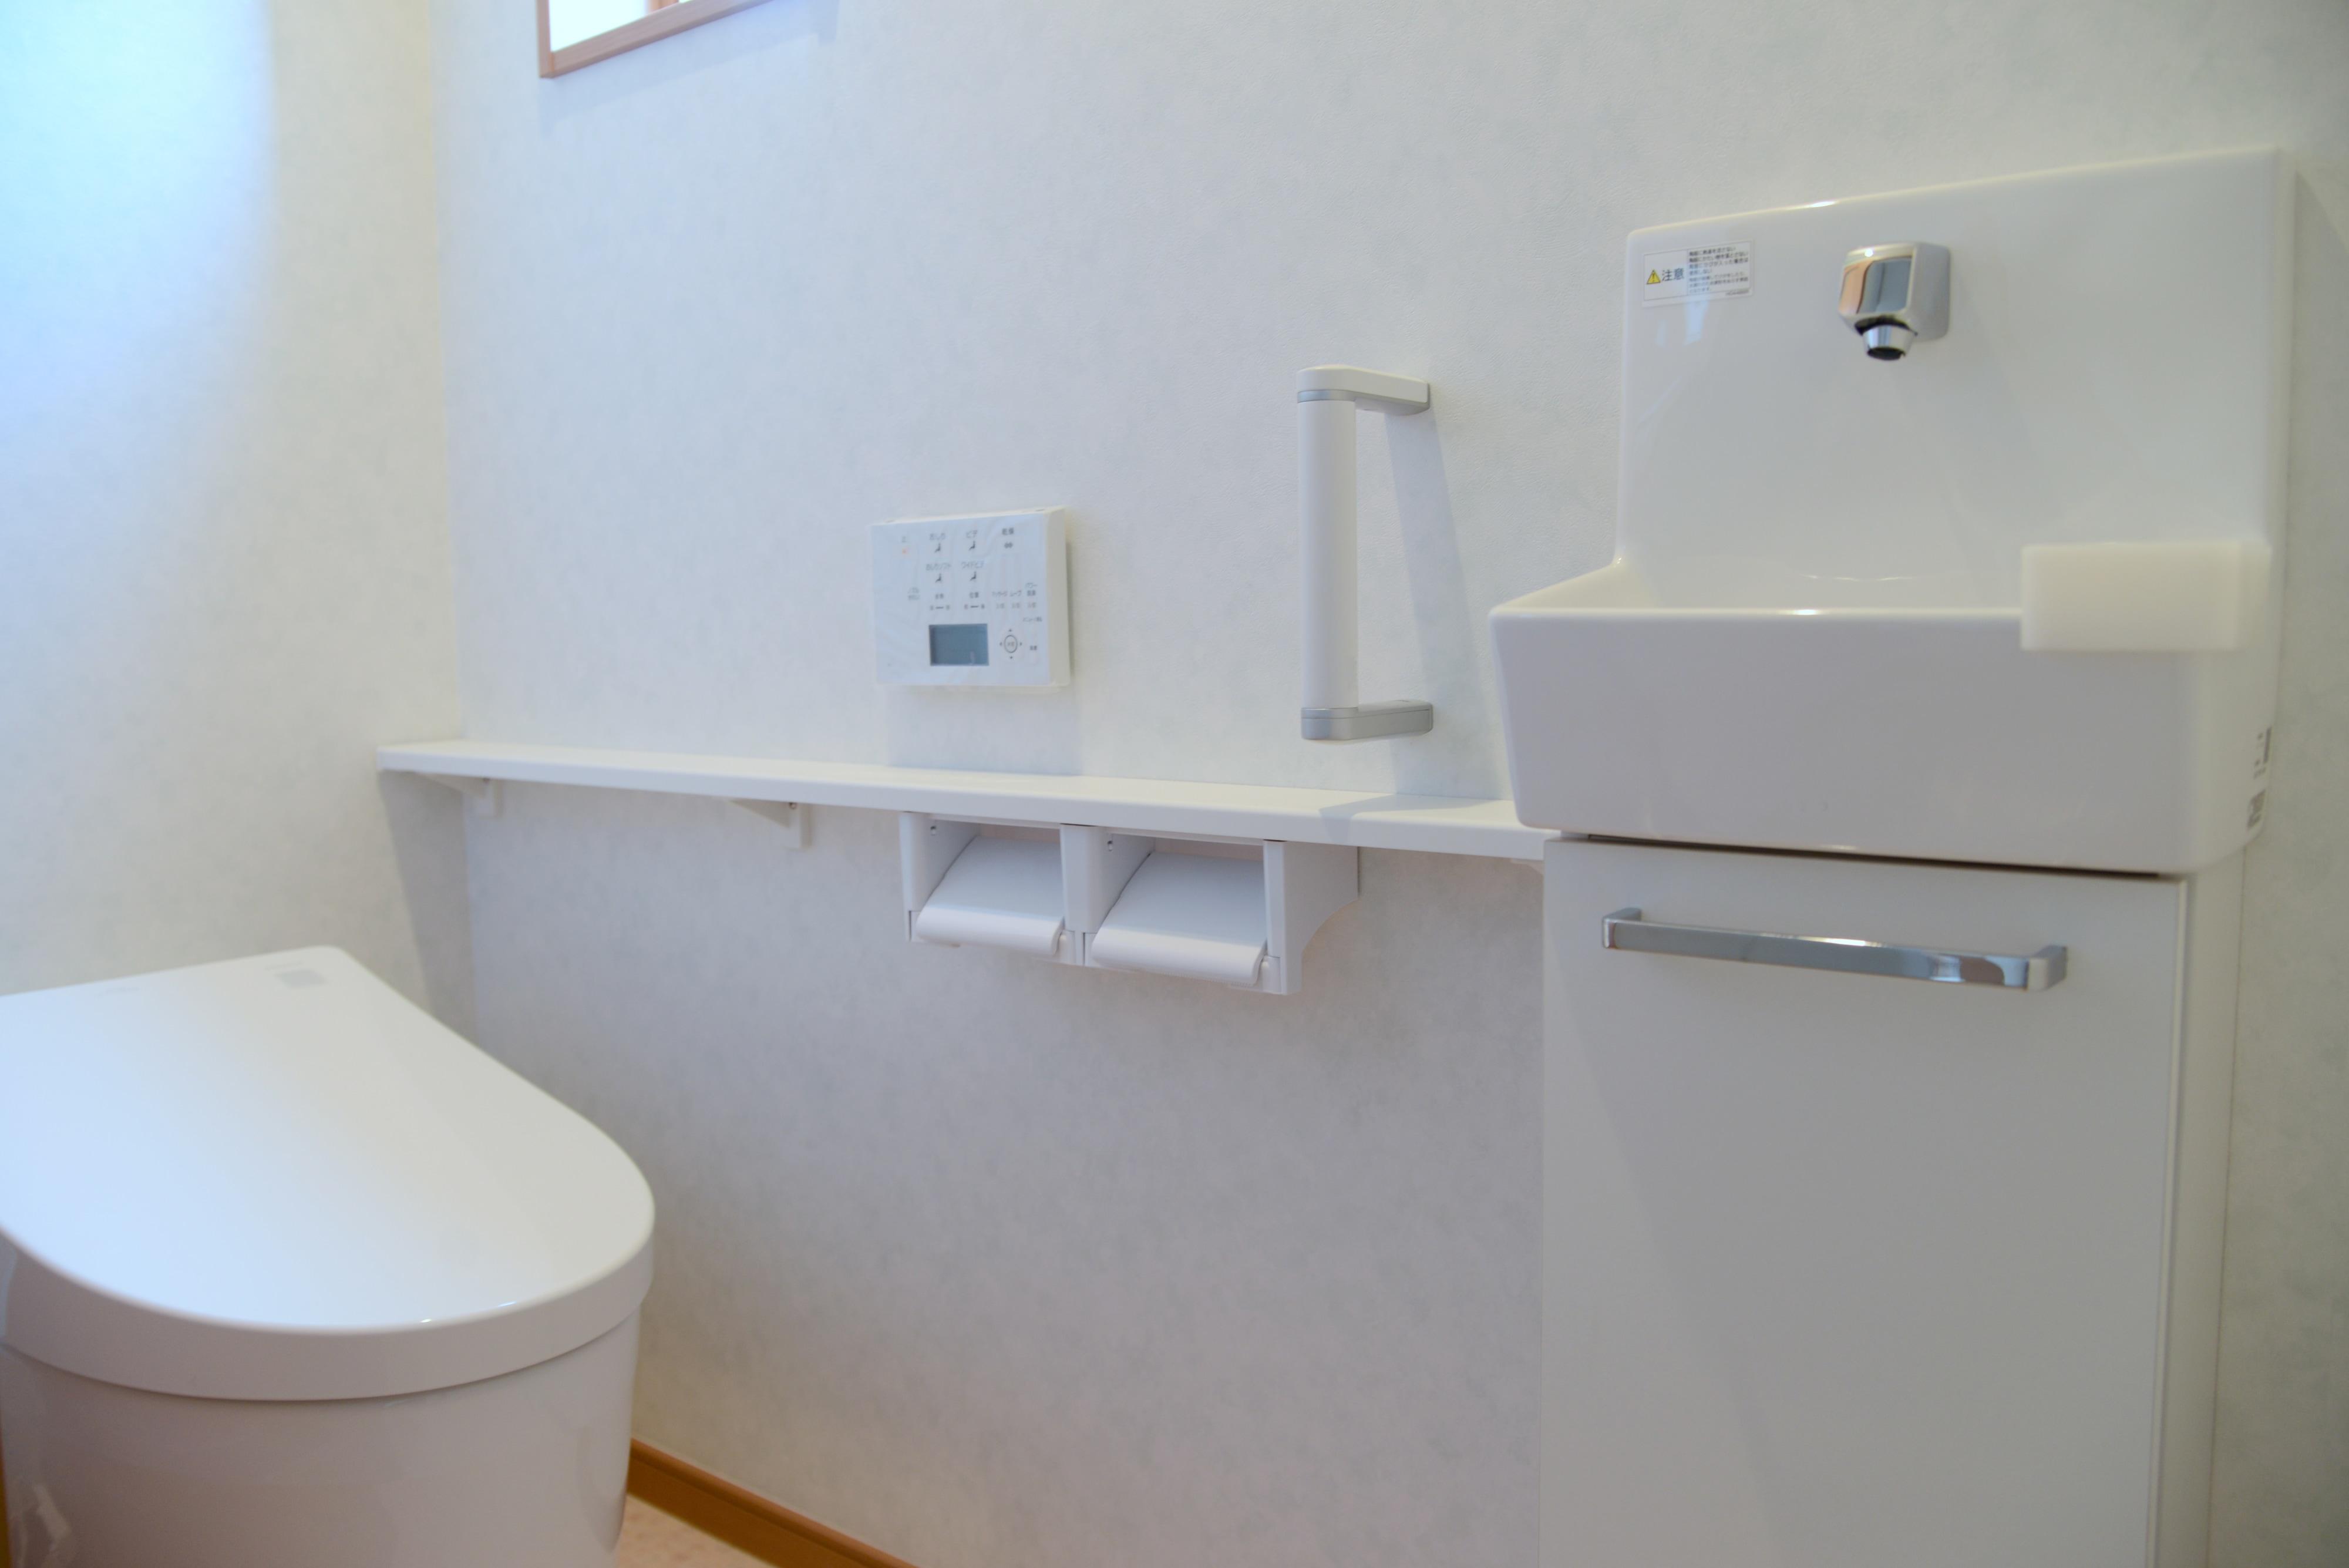 トイレ 洗面の壁紙 壁 クロス選び リフォーム会社紹介サイト